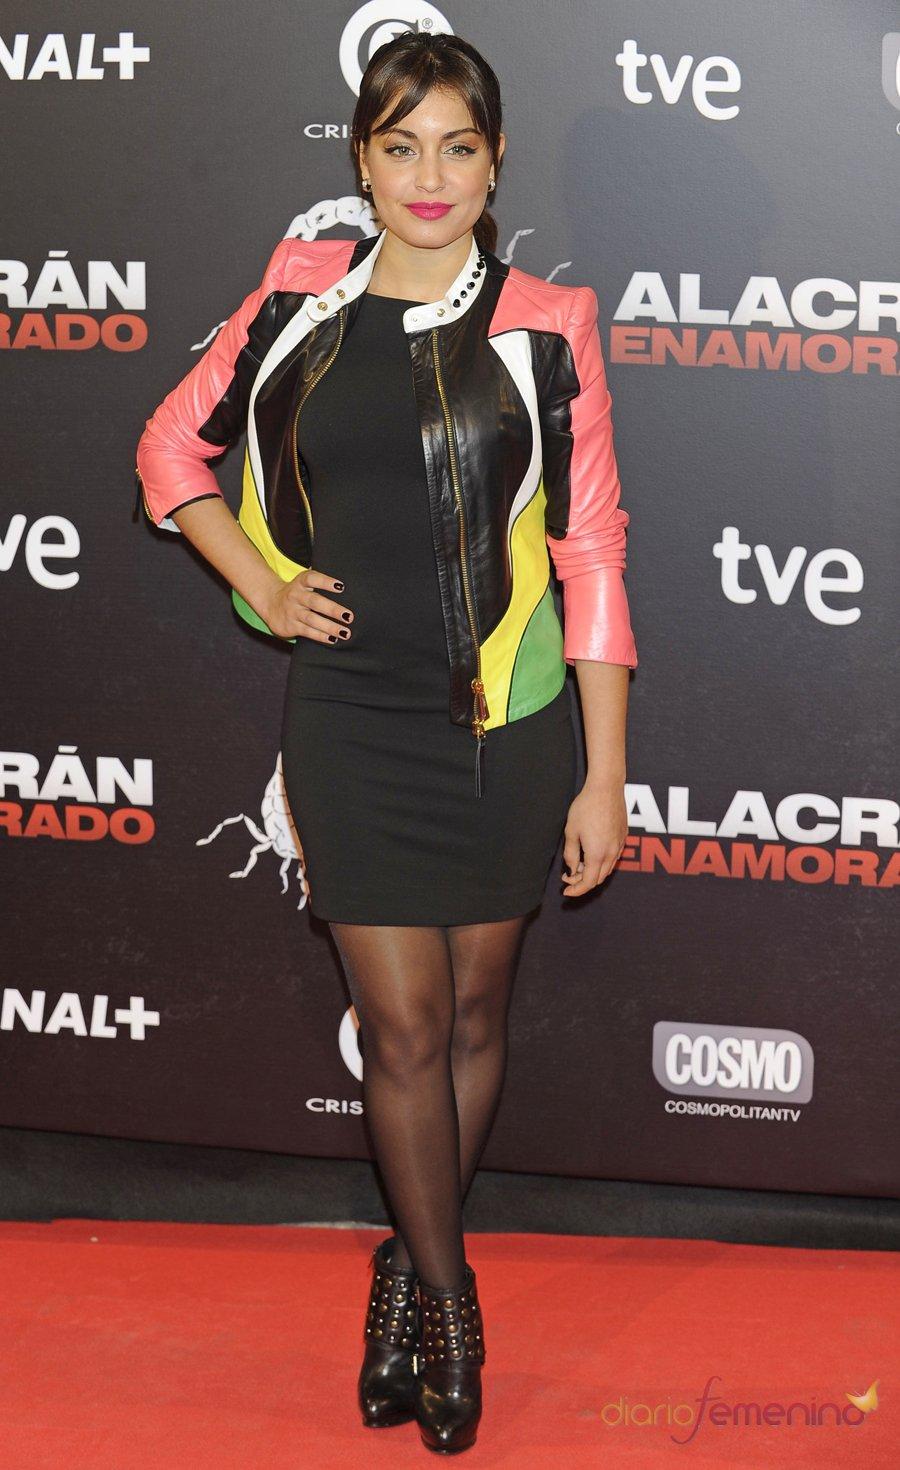 El look de Hiba Abouk en la premiere de 'Alacrán enamorado'